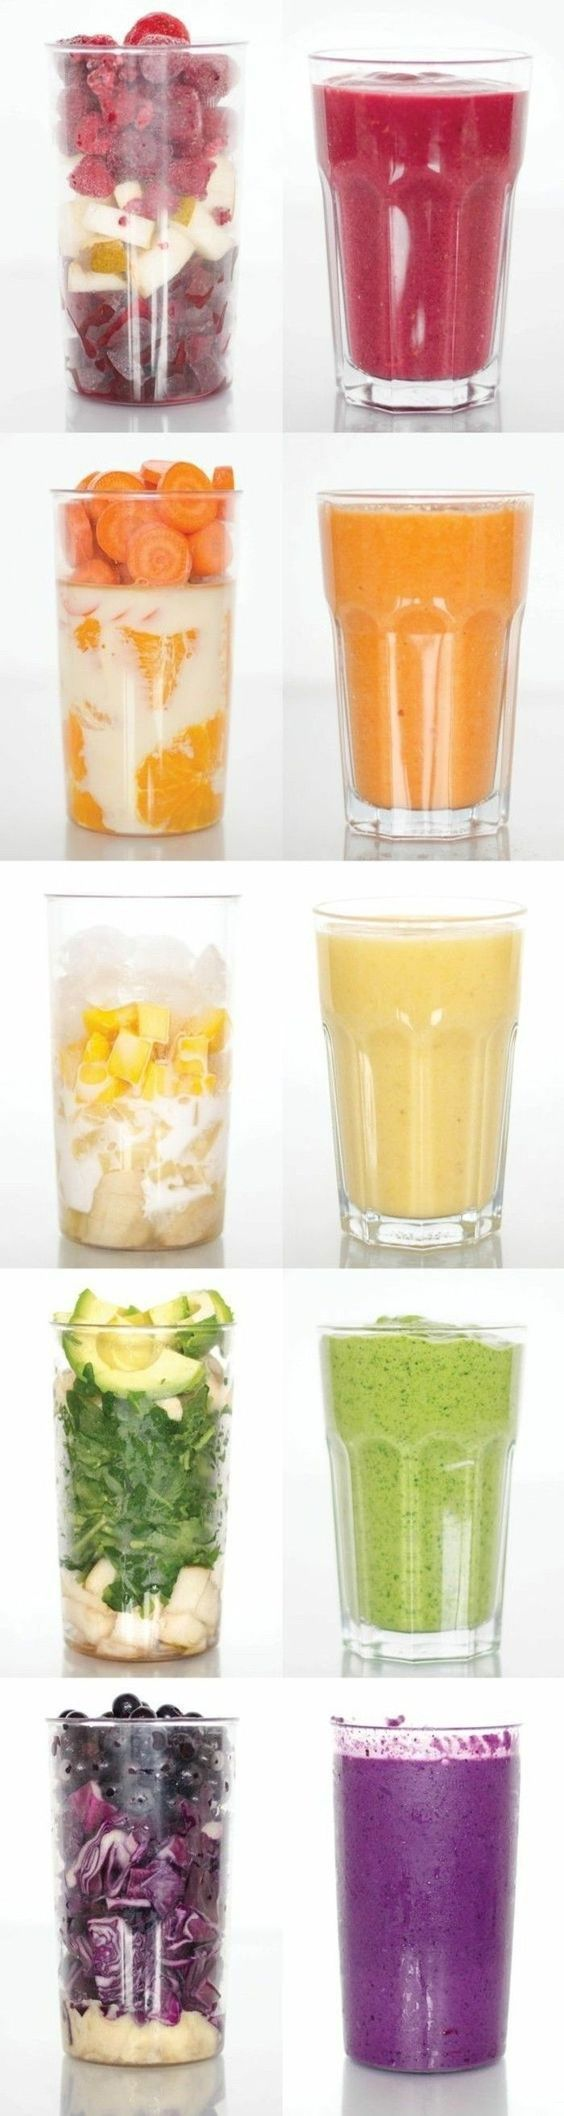 recettes smoothies pour tous les goûts, suivre un régime santé et minceur à smoothies: